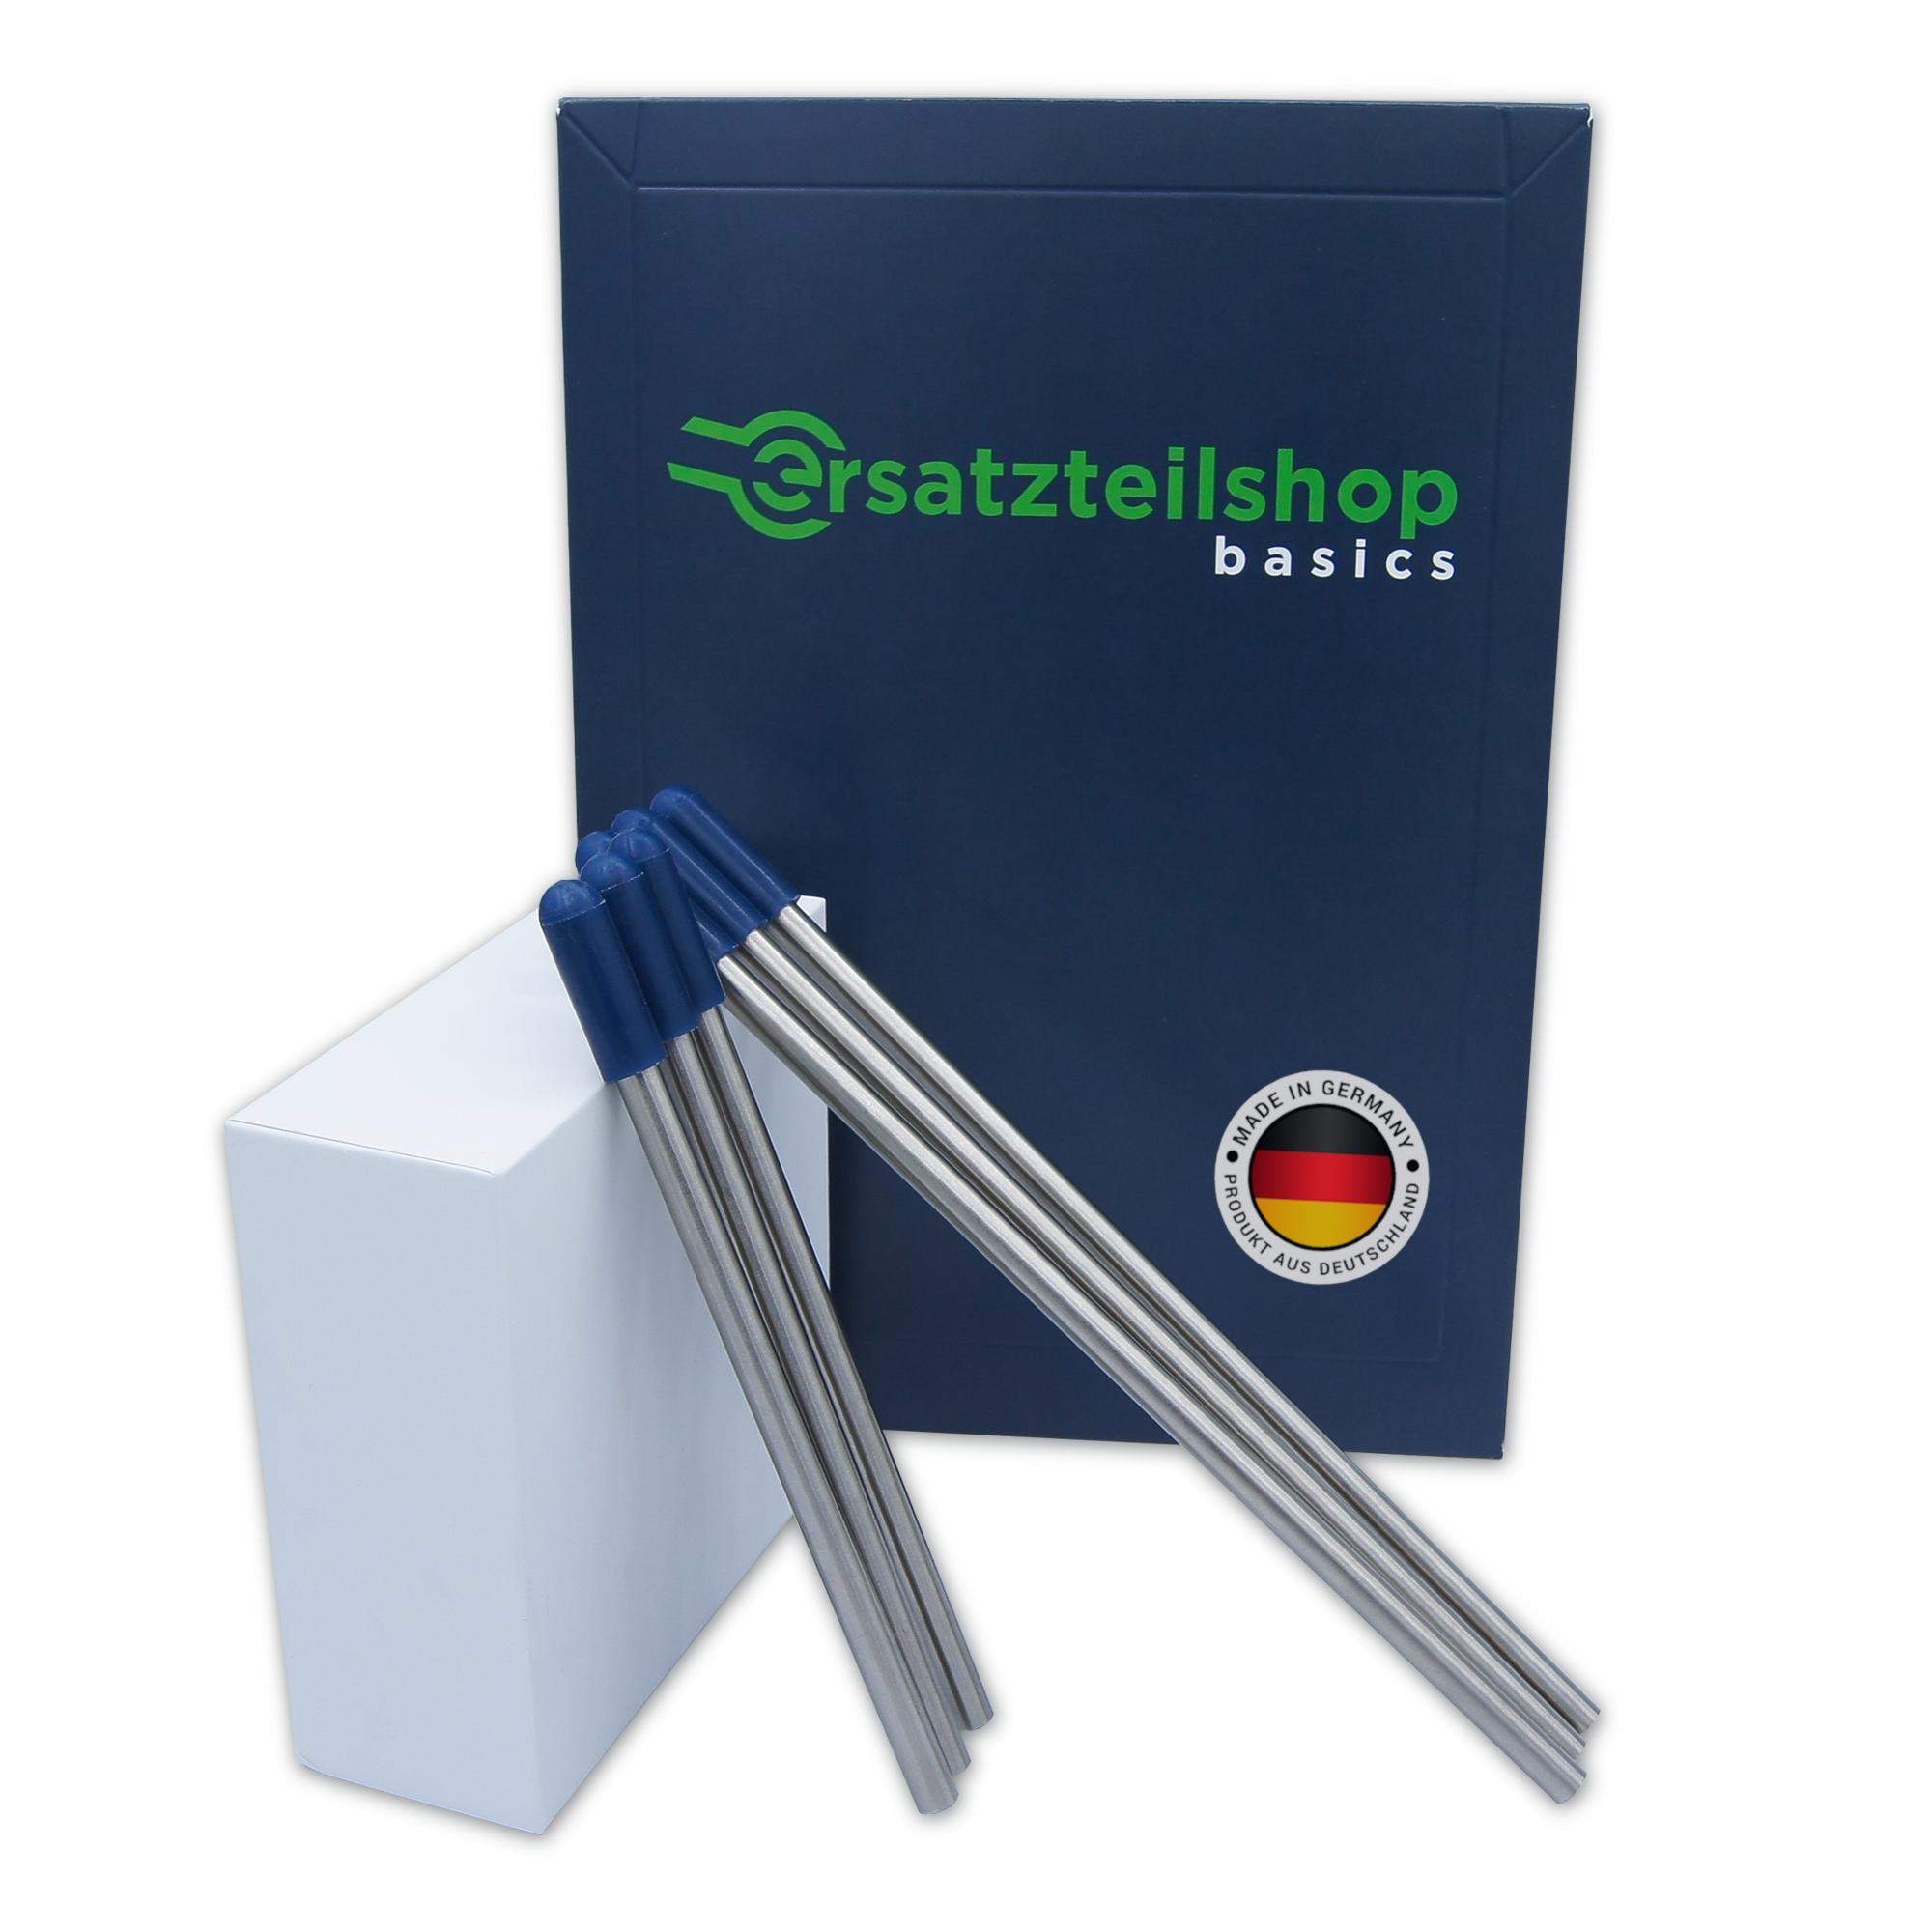 Edelstahl Flaschenhalter und Glashalter für Geschirrspüler/Spülmaschine mit blauen Kappen - Set Allrounder - absolut kratzfrei - von ersatzteilshop basics